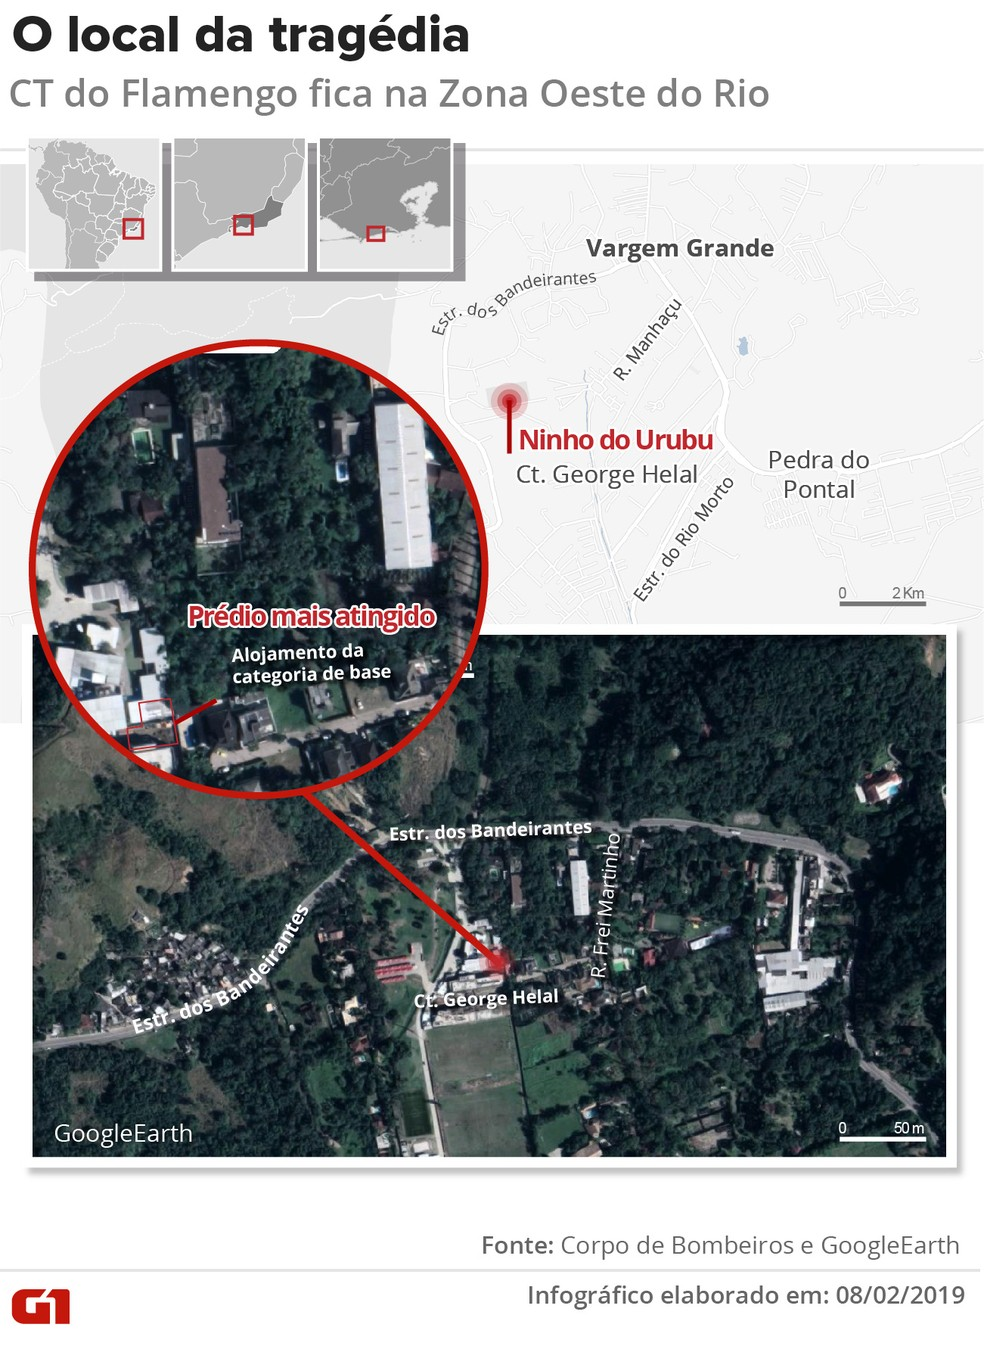 Mapa mostra o CT do Flamengo e o prédio atingido — Foto: Infografia: Wagner Magalhães/G1